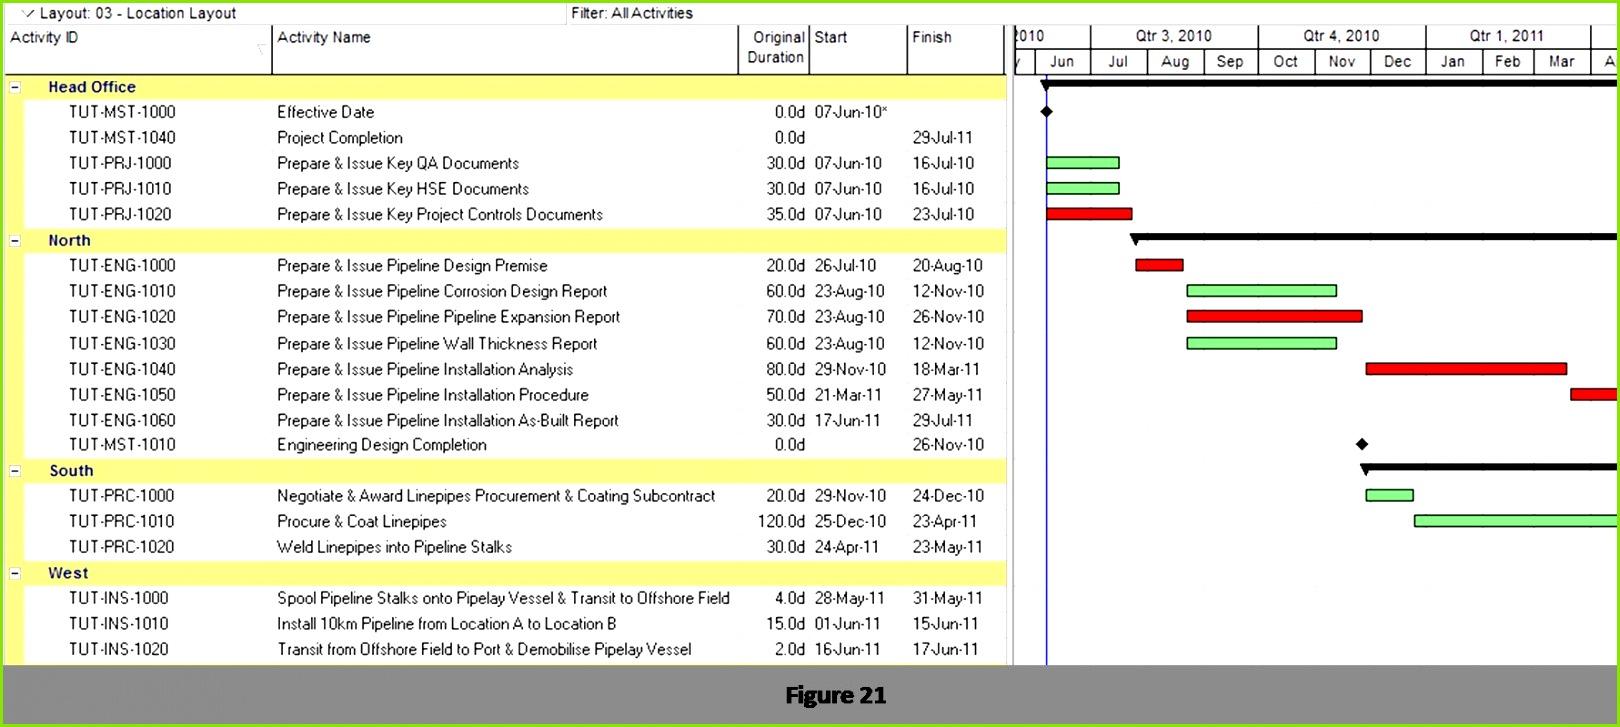 Tabellen Vorlagen Kostenlos Design 52 Sammlung Tabellen Erstellen Kostenlos Schön